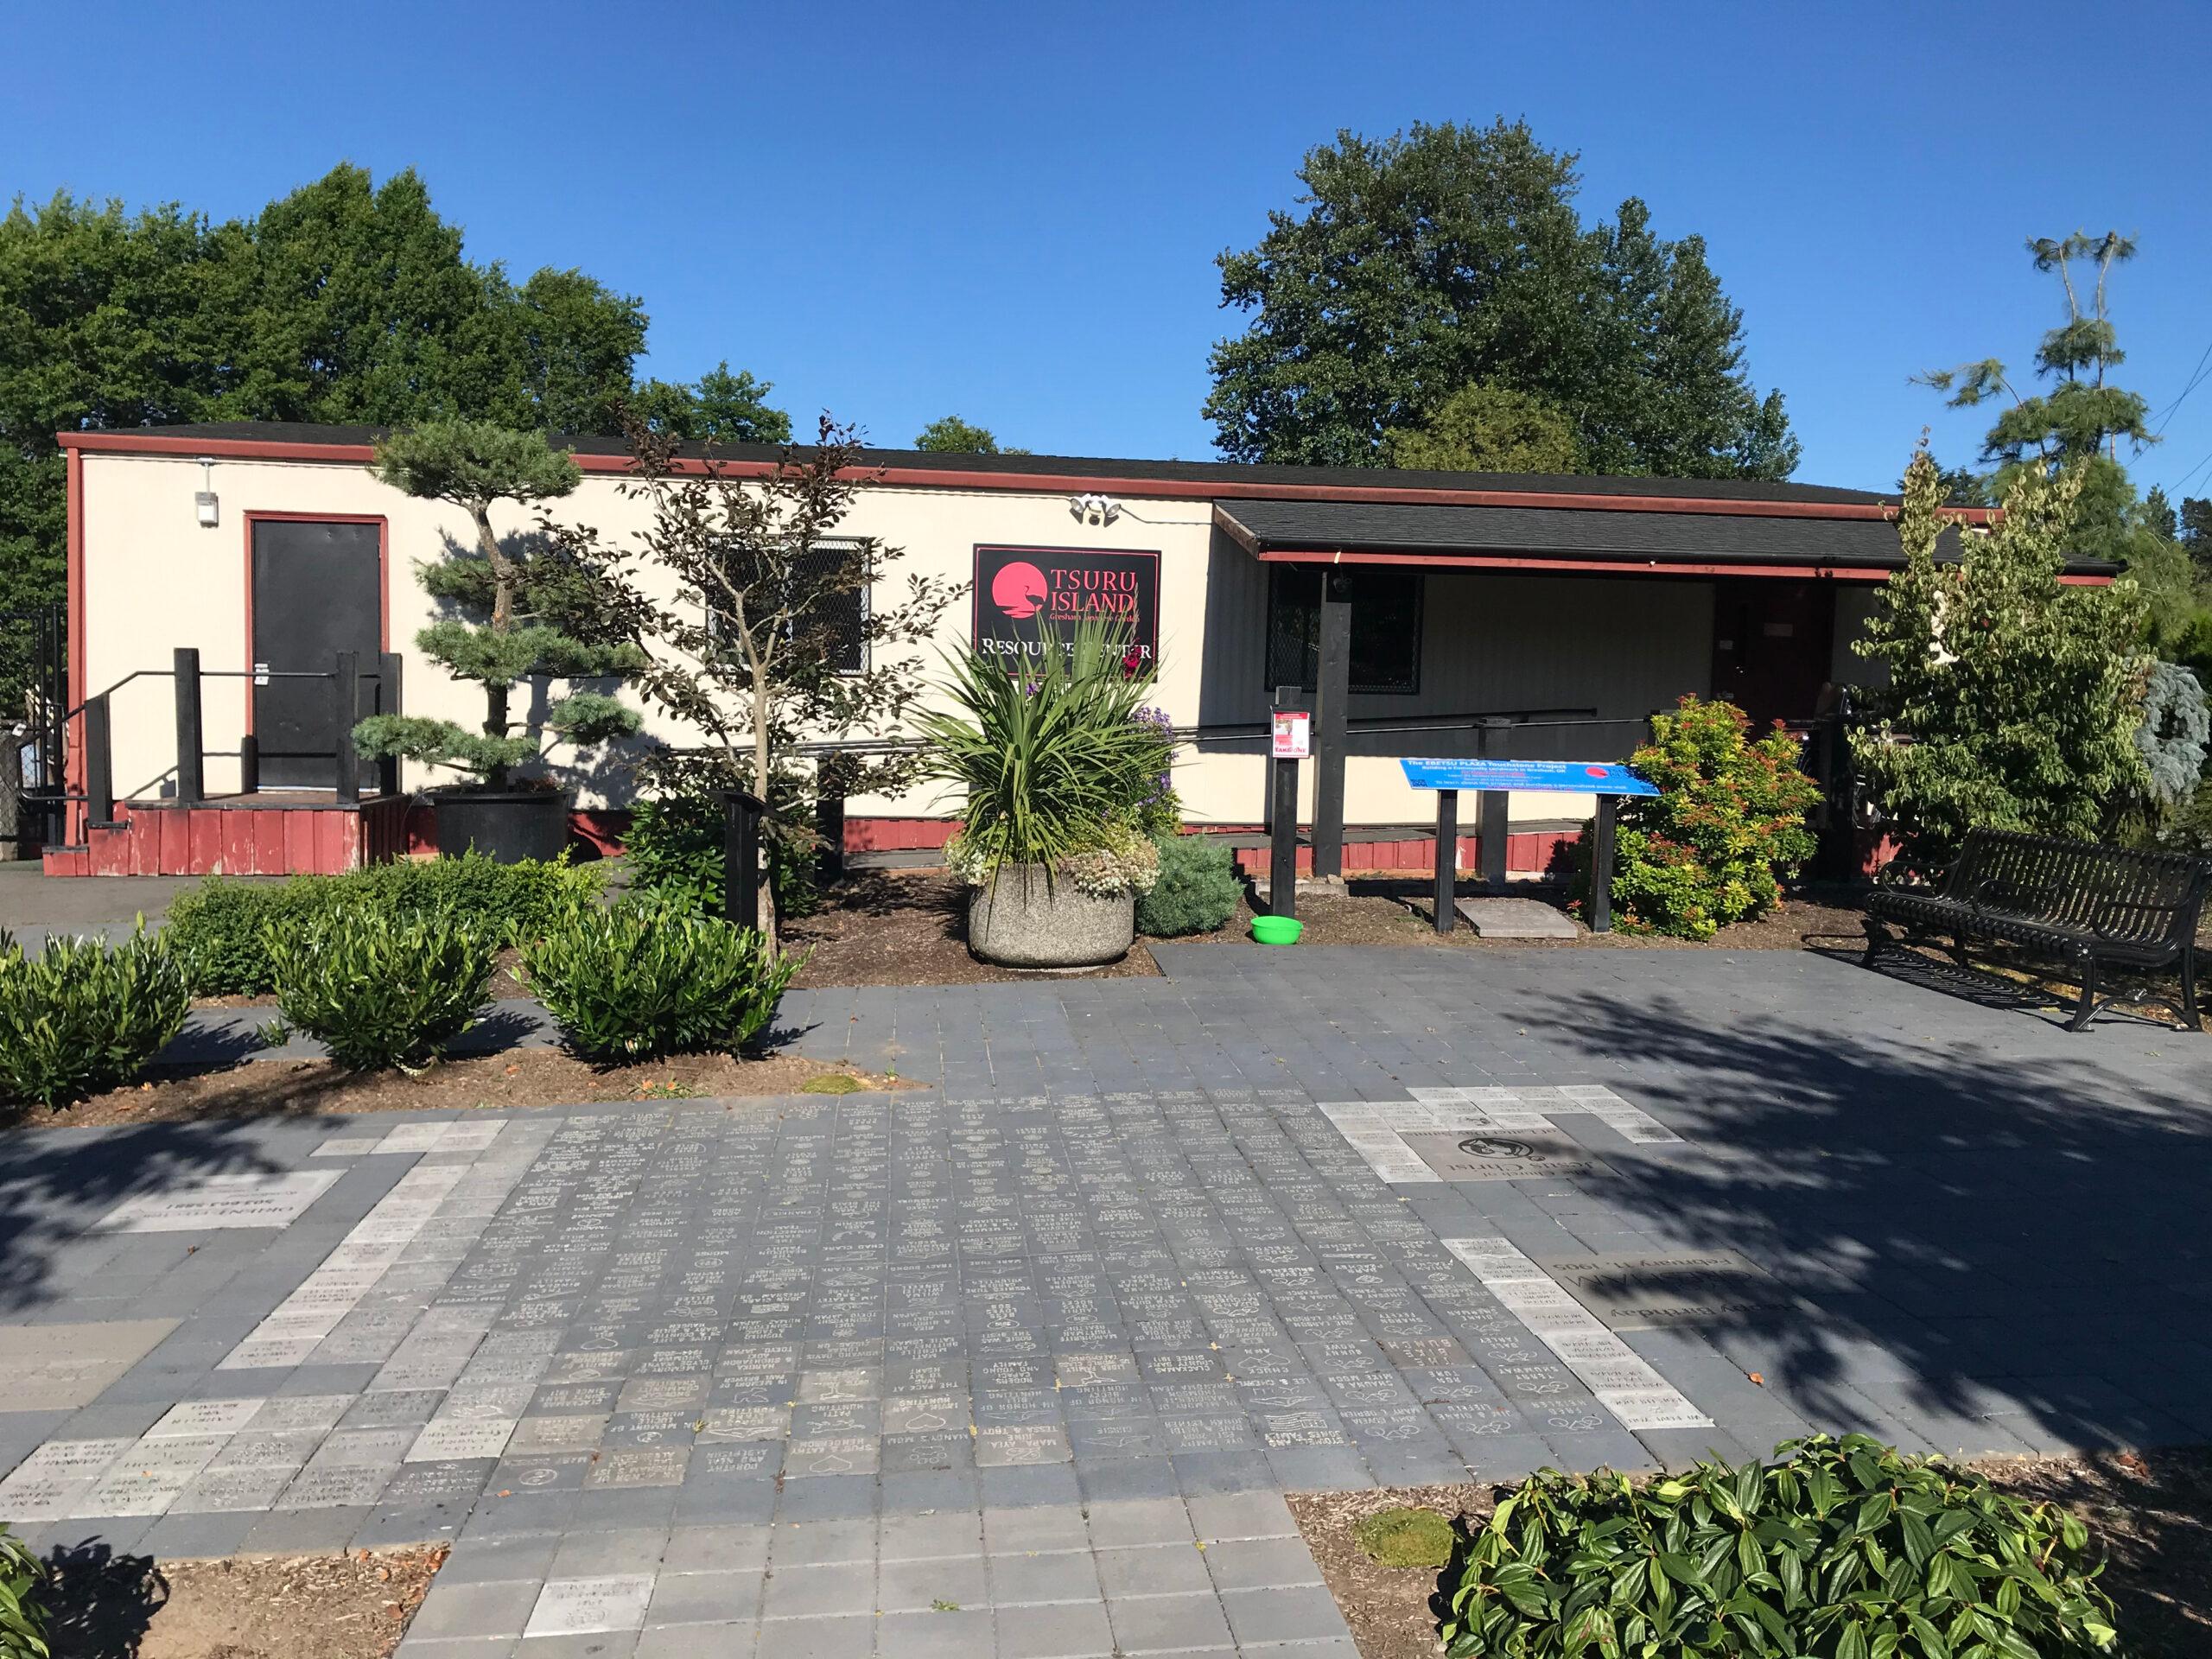 Gresham japanese garden resource center